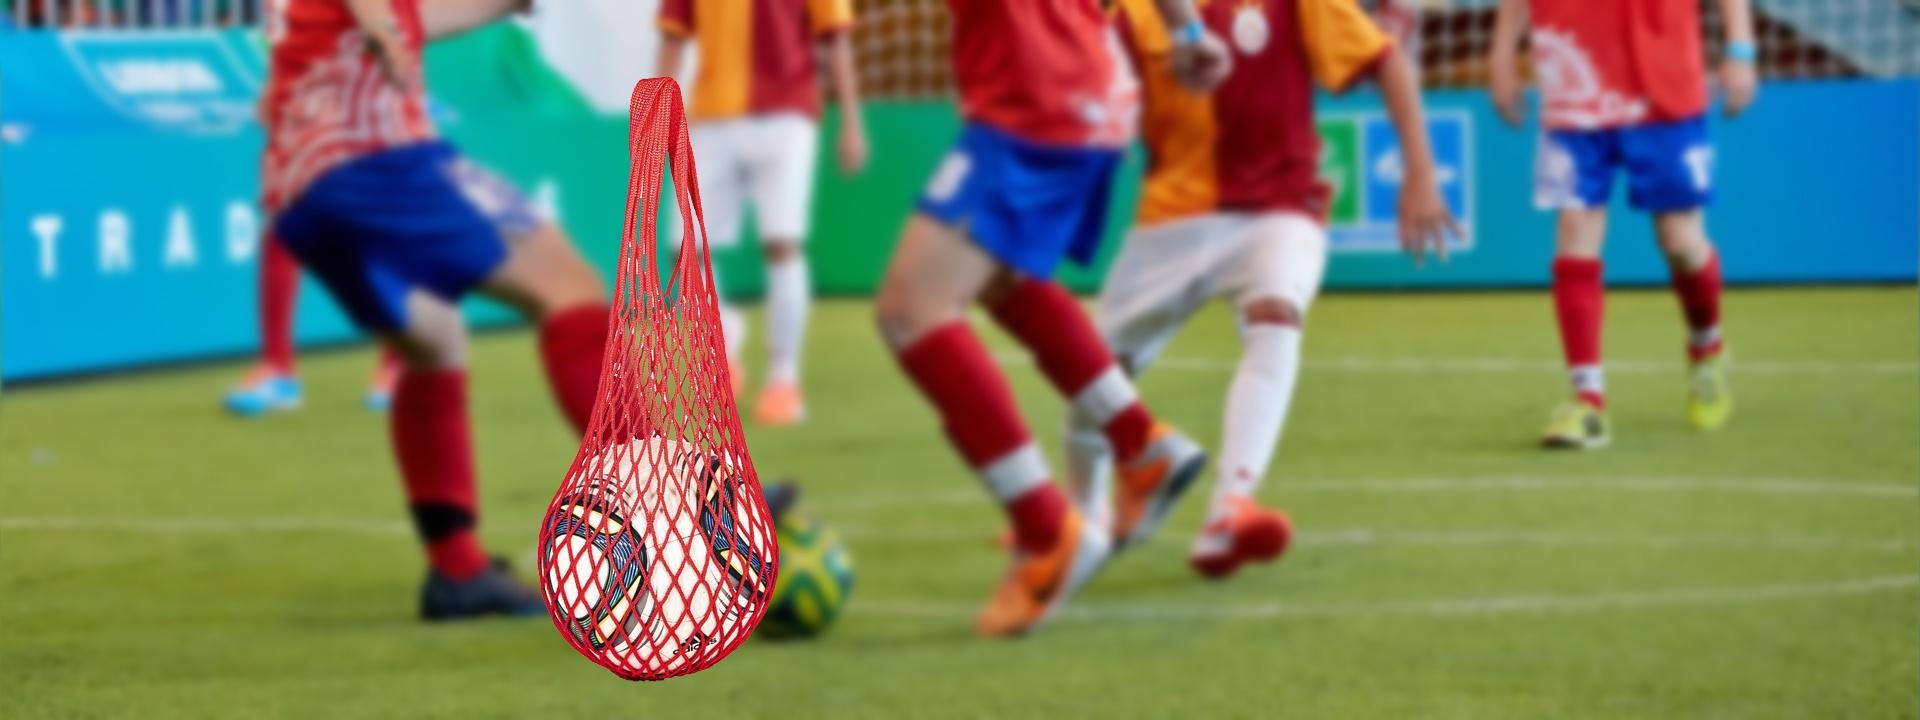 Авоська для переноса и хранения спортивных товаров